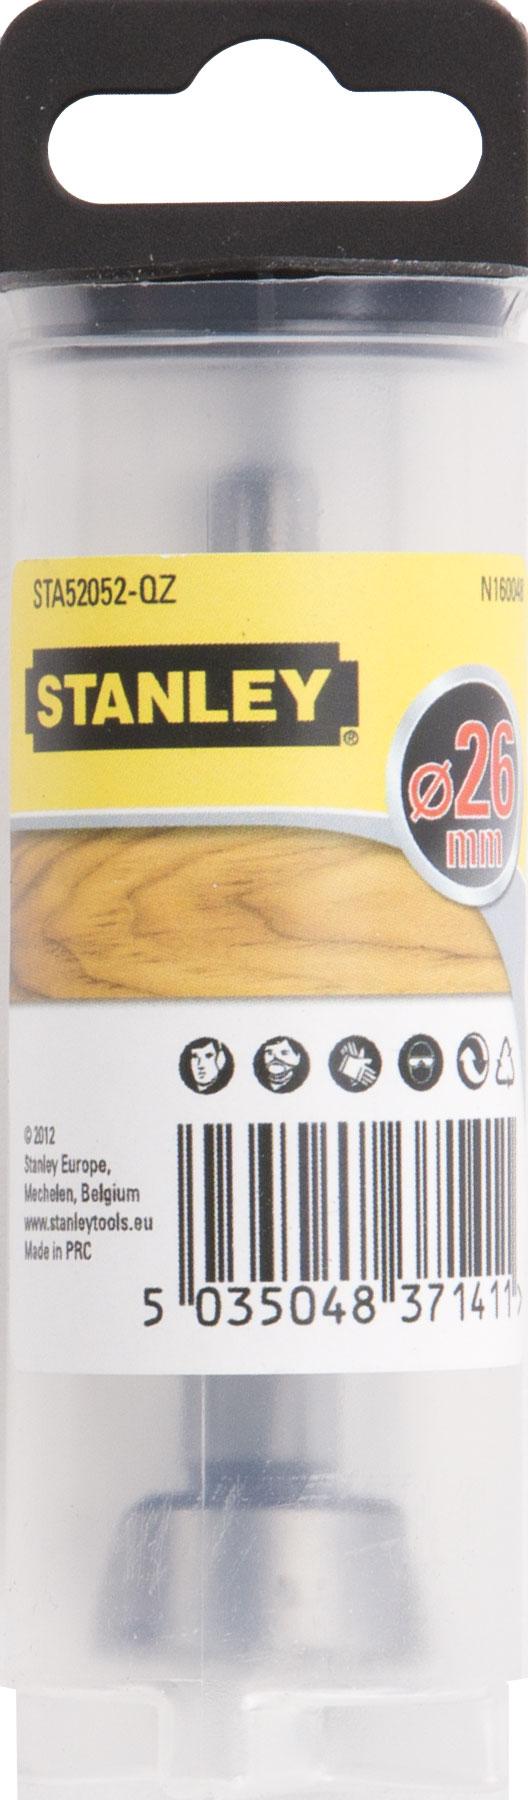 Купить Сверло Stanley Sta52052-qz